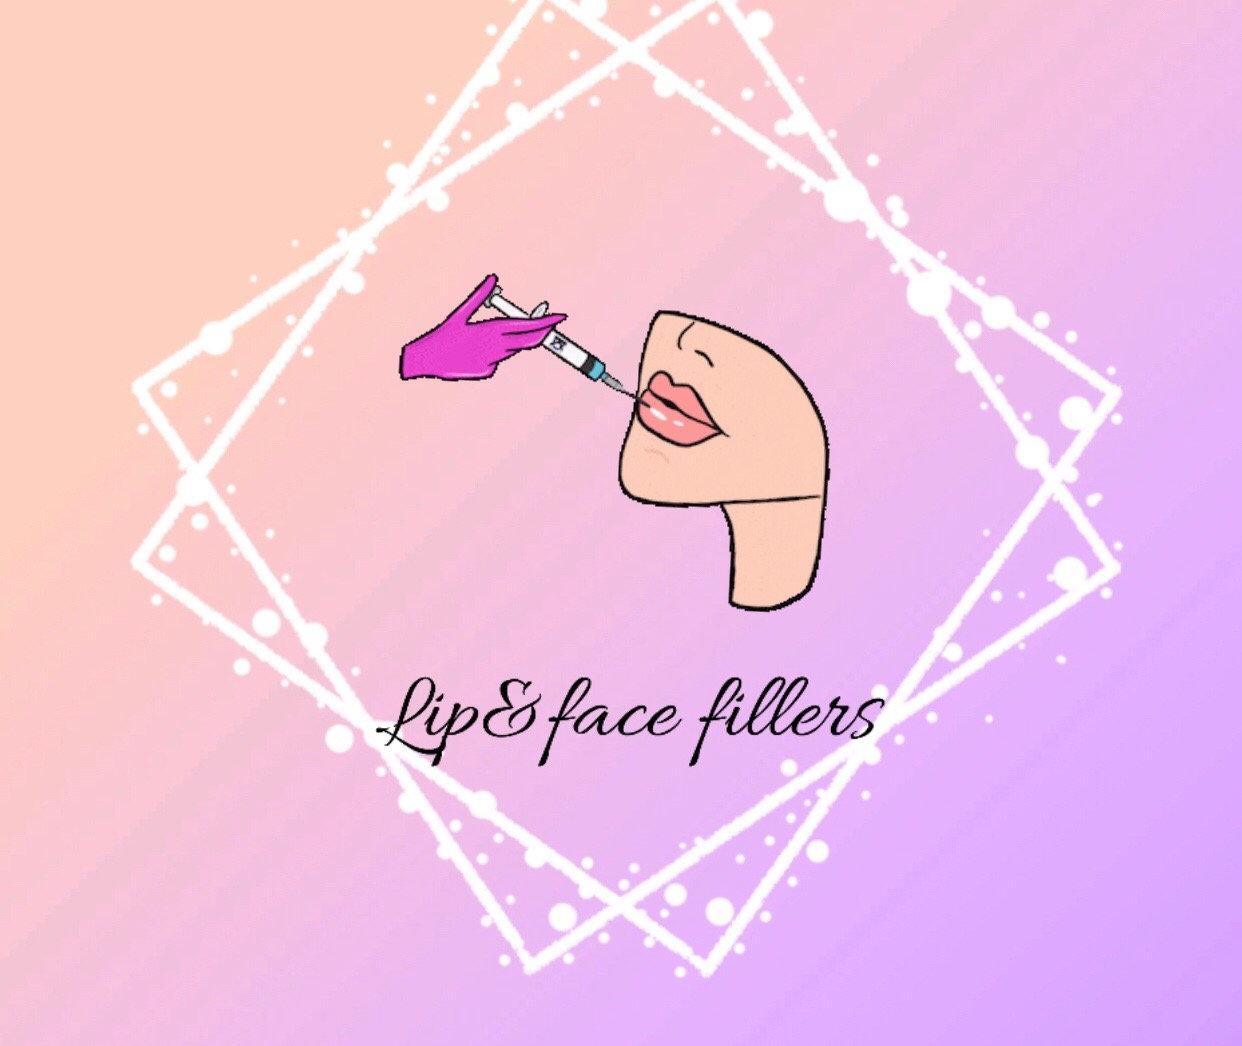 Lip & Face fillers